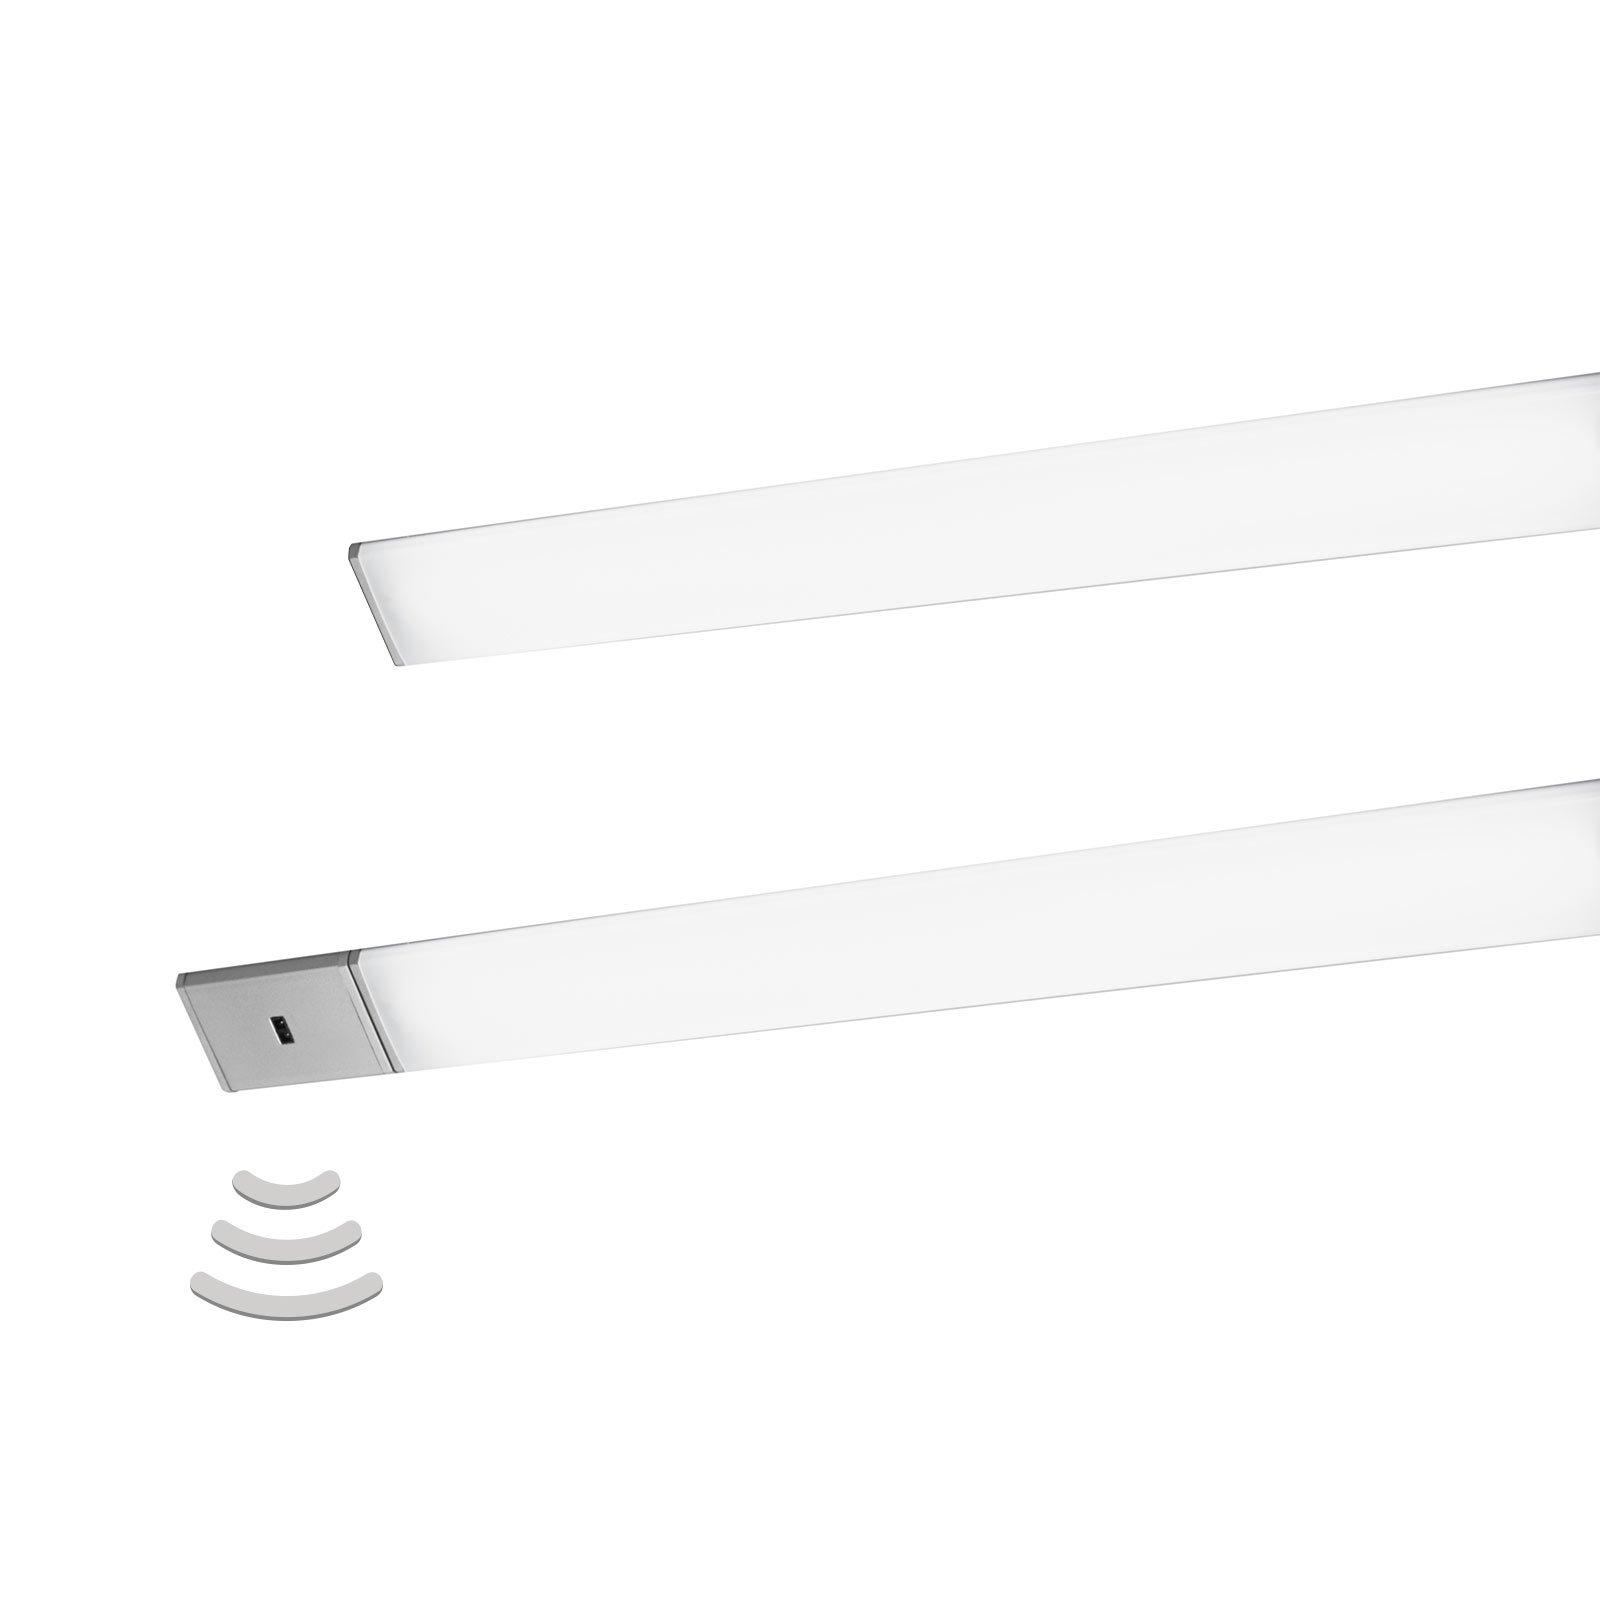 LEDVANCE Cabinet Corner benkarmatur 55cm 2er